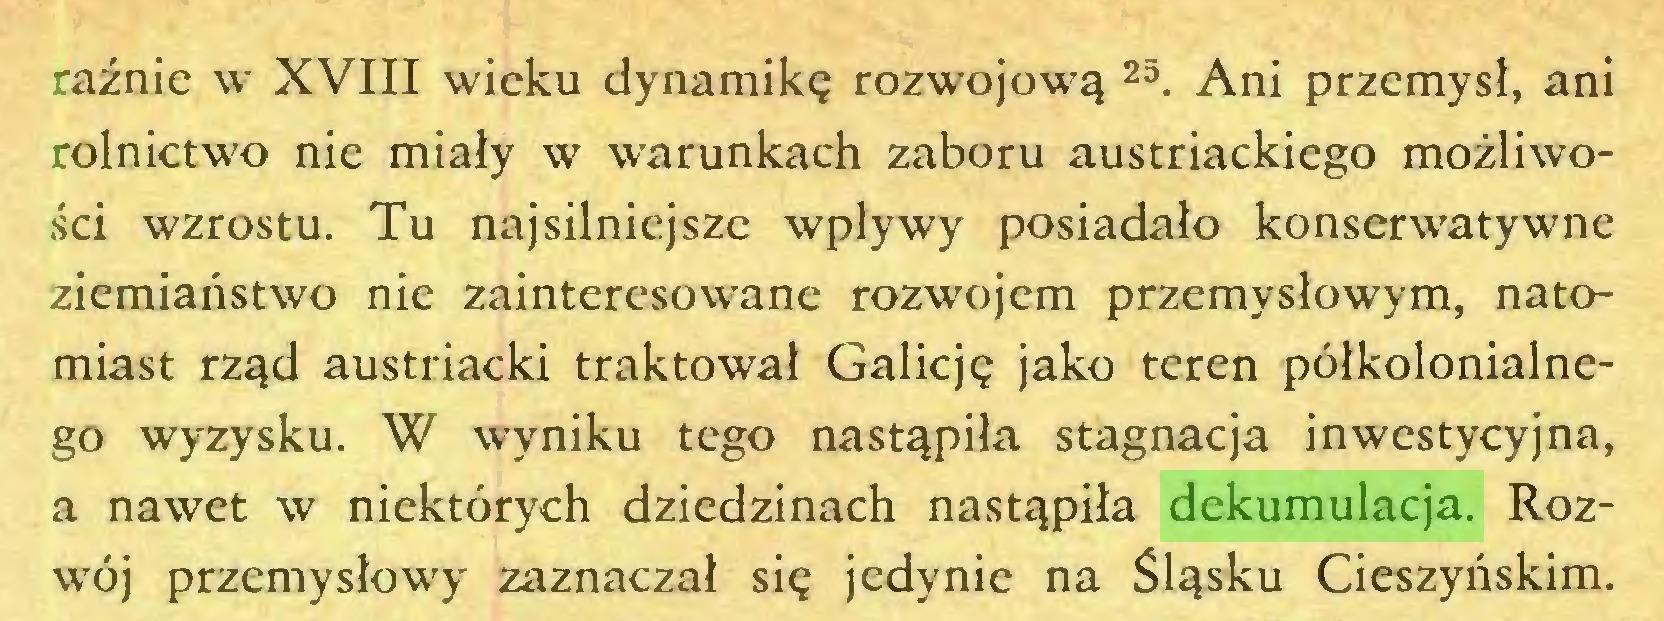 (...) raźnie w XVIII wieku dynamikę rozwojową 25. Ani przemysł, ani rolnictwo nie miały w warunkach zaboru austriackiego możliwości wzrostu. Tu najsilniejsze wpływy posiadało konserwatywne ziemiaństwo nie zainteresowane rozwojem przemysłowym, natomiast rząd austriacki traktował Galicję jako teren półkolonialnego wyzysku. W wyniku tego nastąpiła stagnacja inwestycyjna, a nawet w niektórych dziedzinach nastąpiła dekumulacja. Rozwój przemysłowy zaznaczał się jedynie na Śląsku Cieszyńskim...